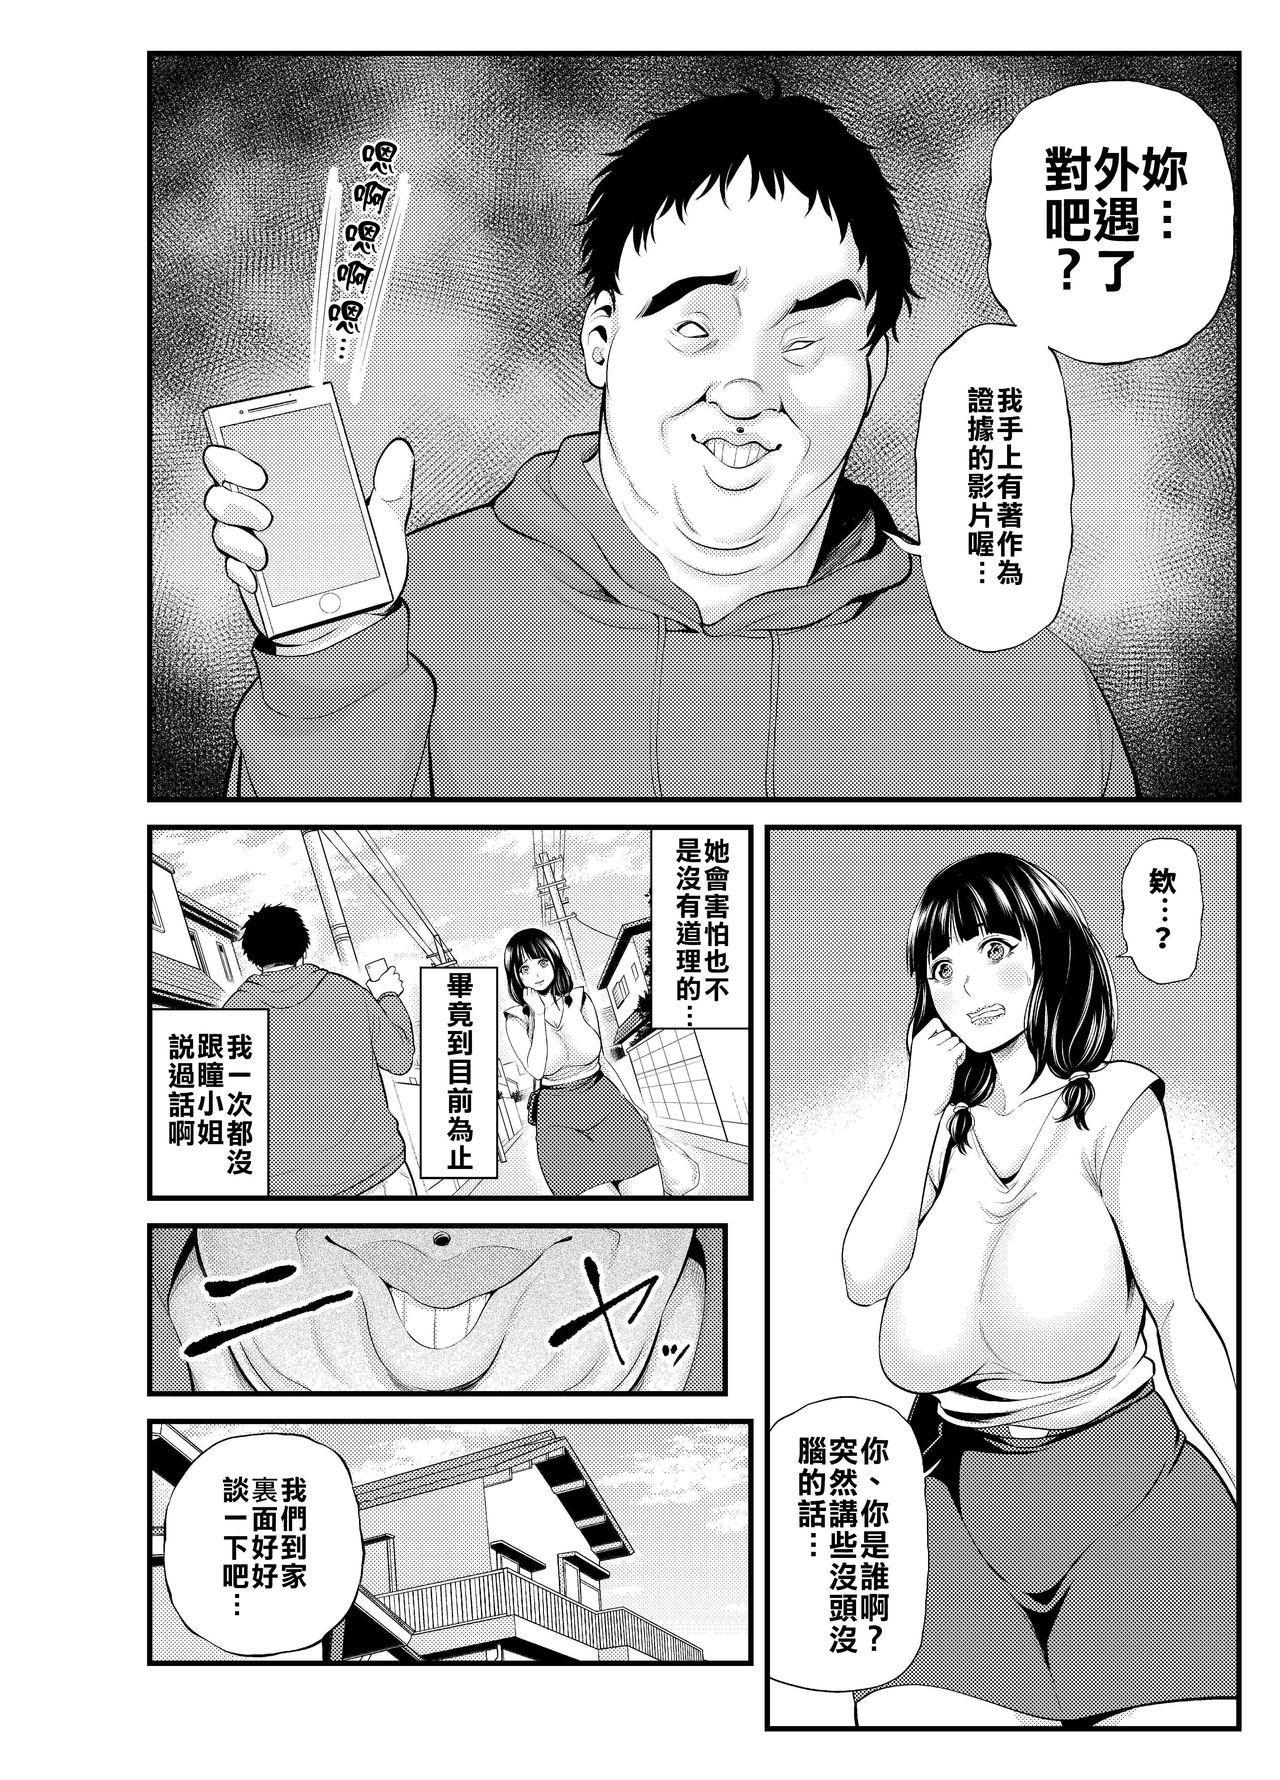 Hitozuma ni Koi Shita Boku wa, Hitozuma no Yowami o Nigitte...   愛上人妻的我,抓到了人妻的小辮子… 4